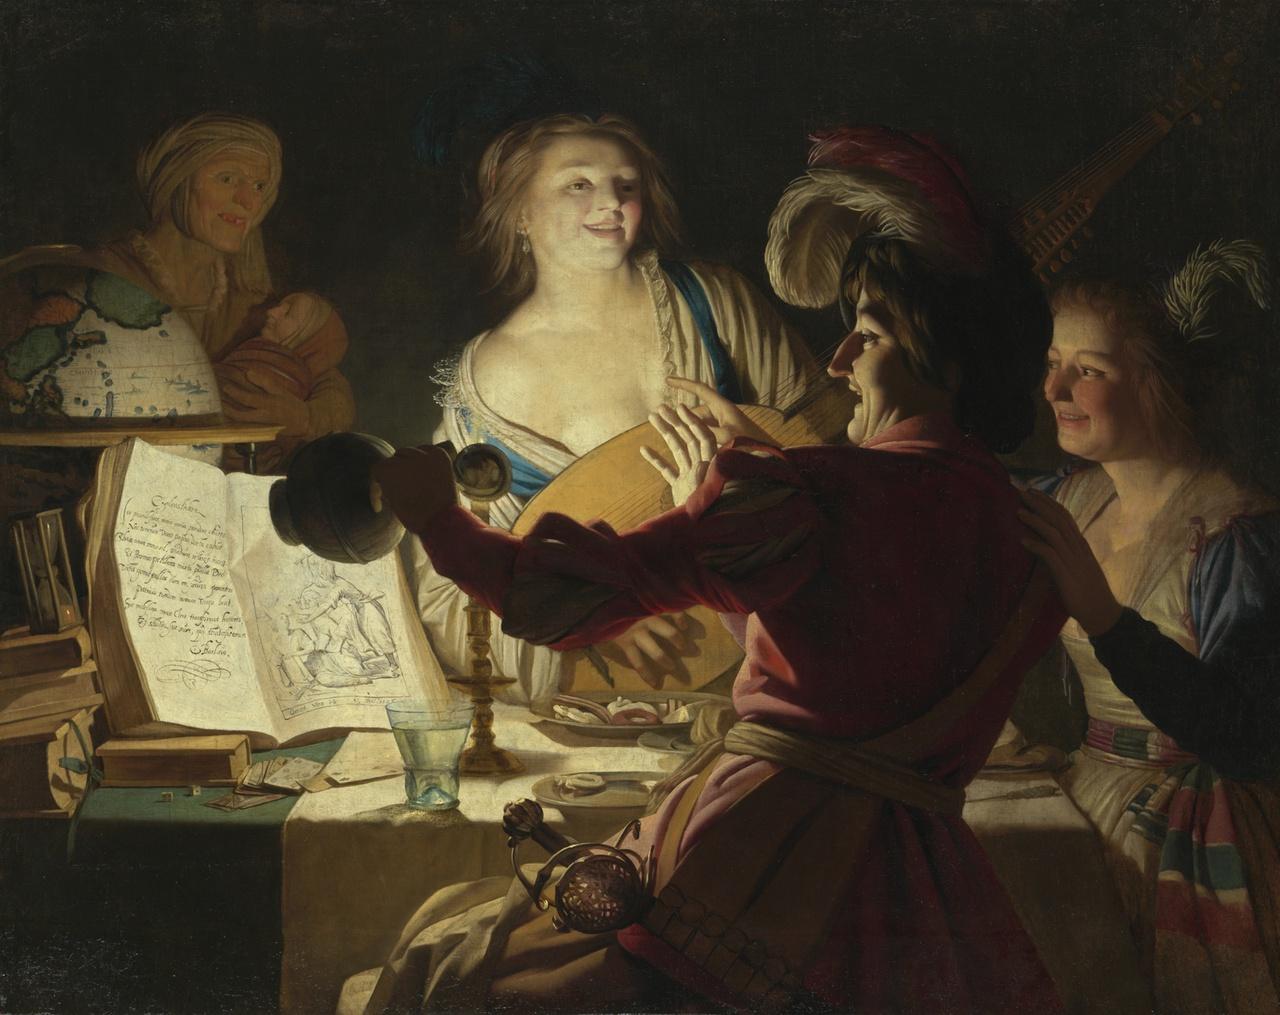 14/34 - Gerard van Honthorst, De liederlijke Student, 1625, Alte Pinakothek, München